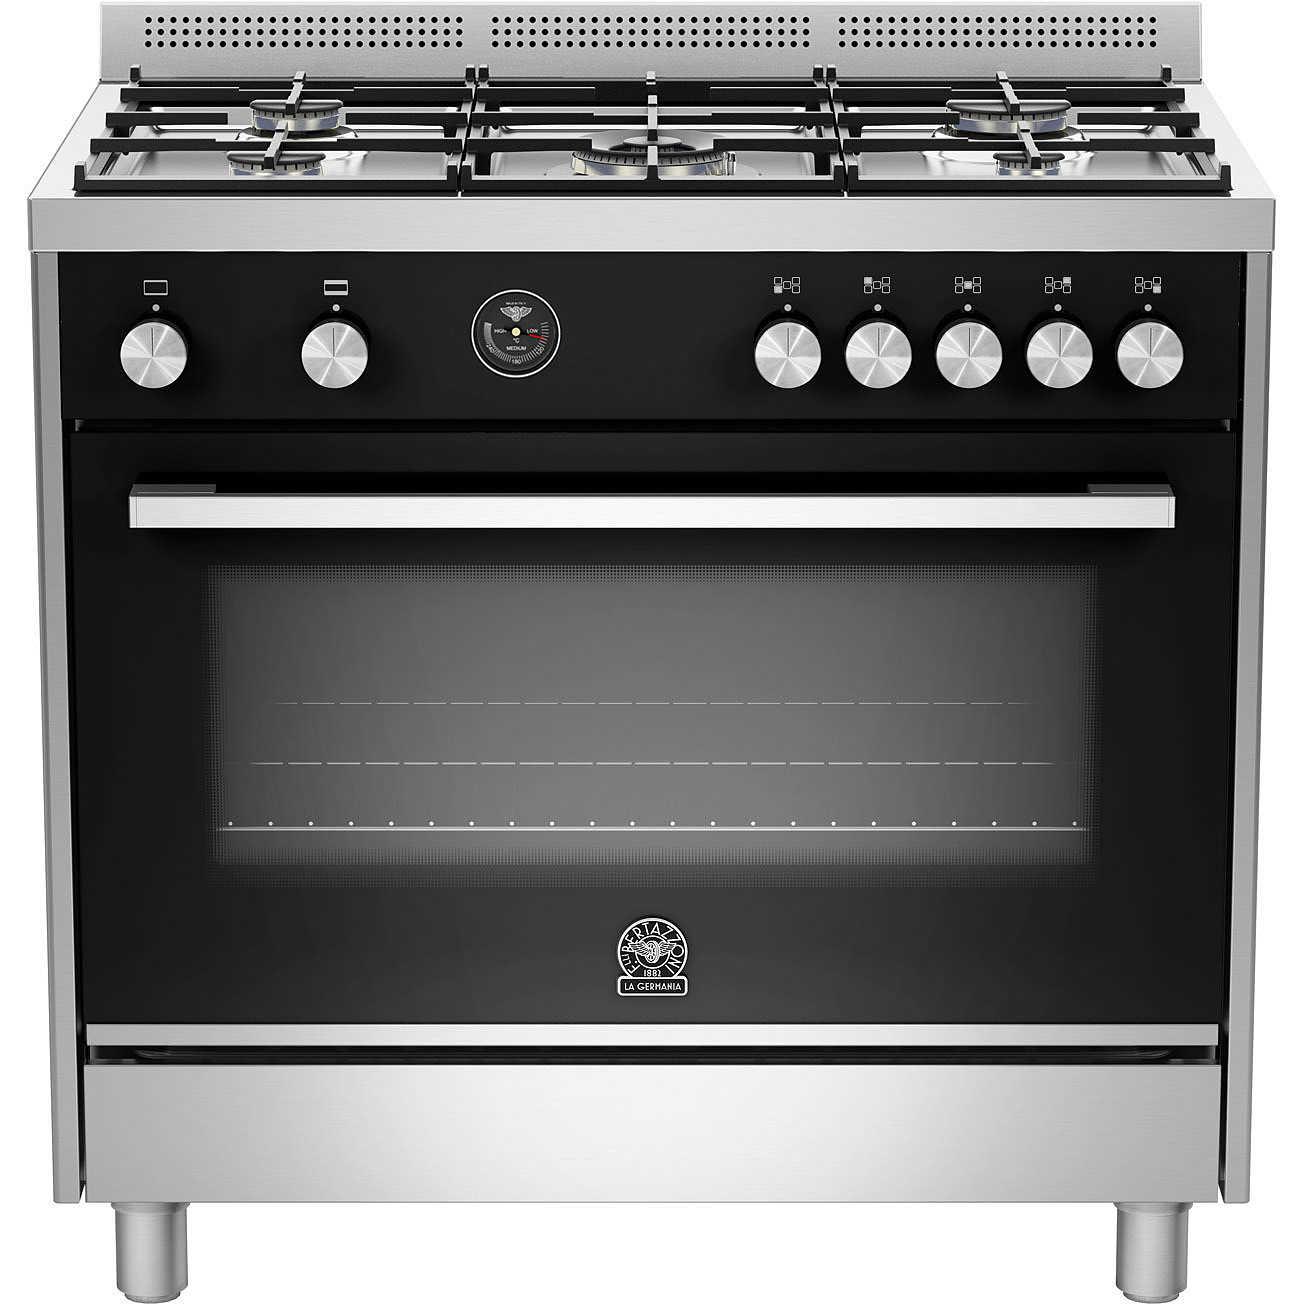 La germania ftr905gevsxt cucina 90x60 5 fuochi a gas forno a gas ventilato con grill elettrico - Cucina a gas 5 fuochi ...